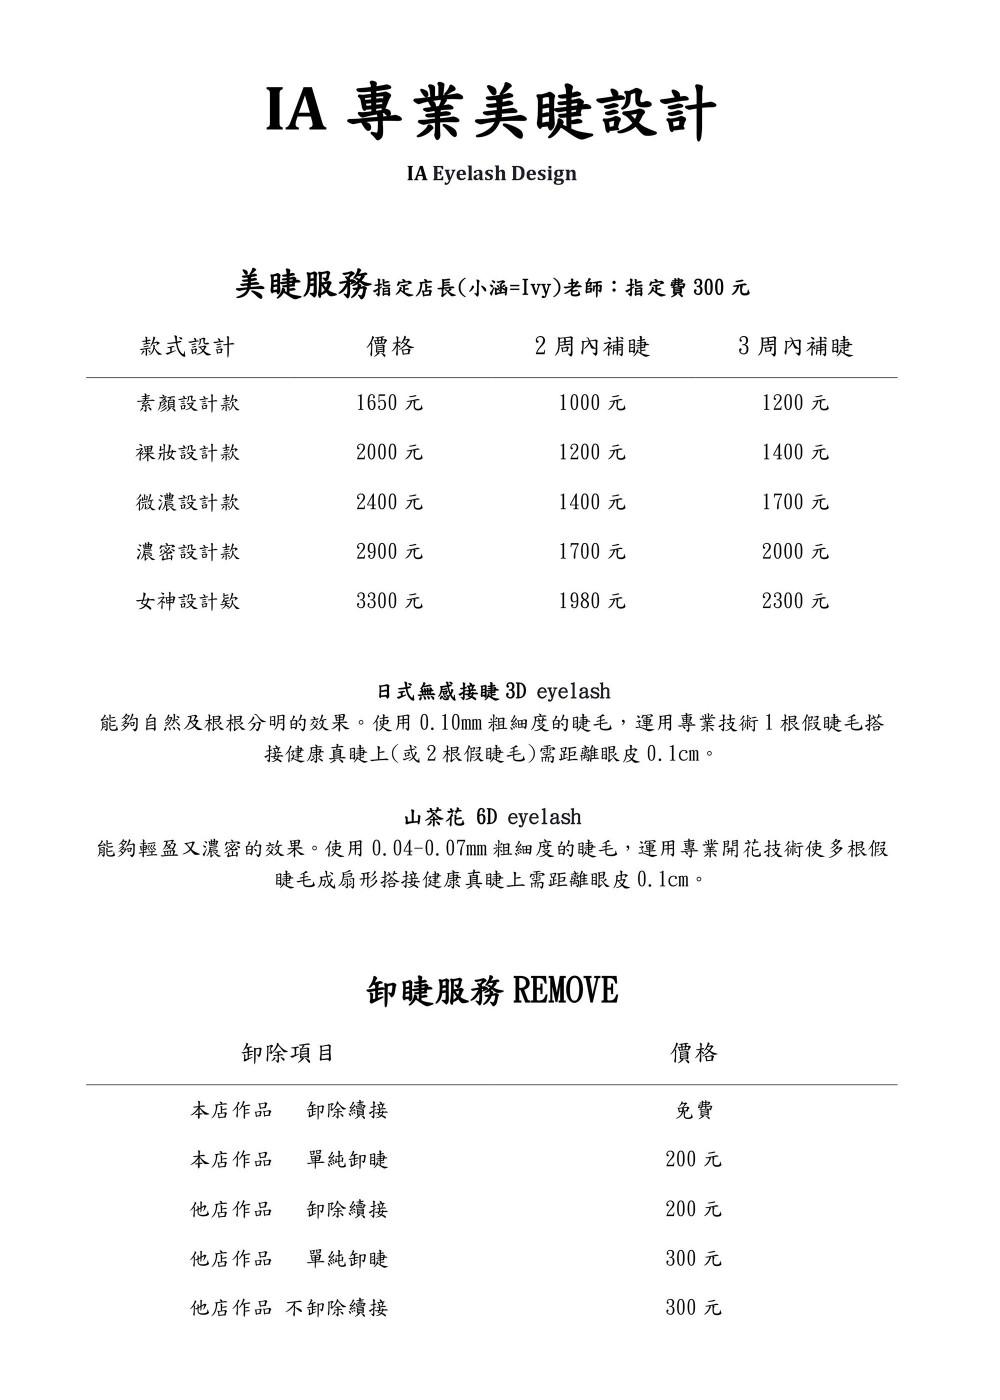 IA專業美睫設計-接睫毛服務價目表